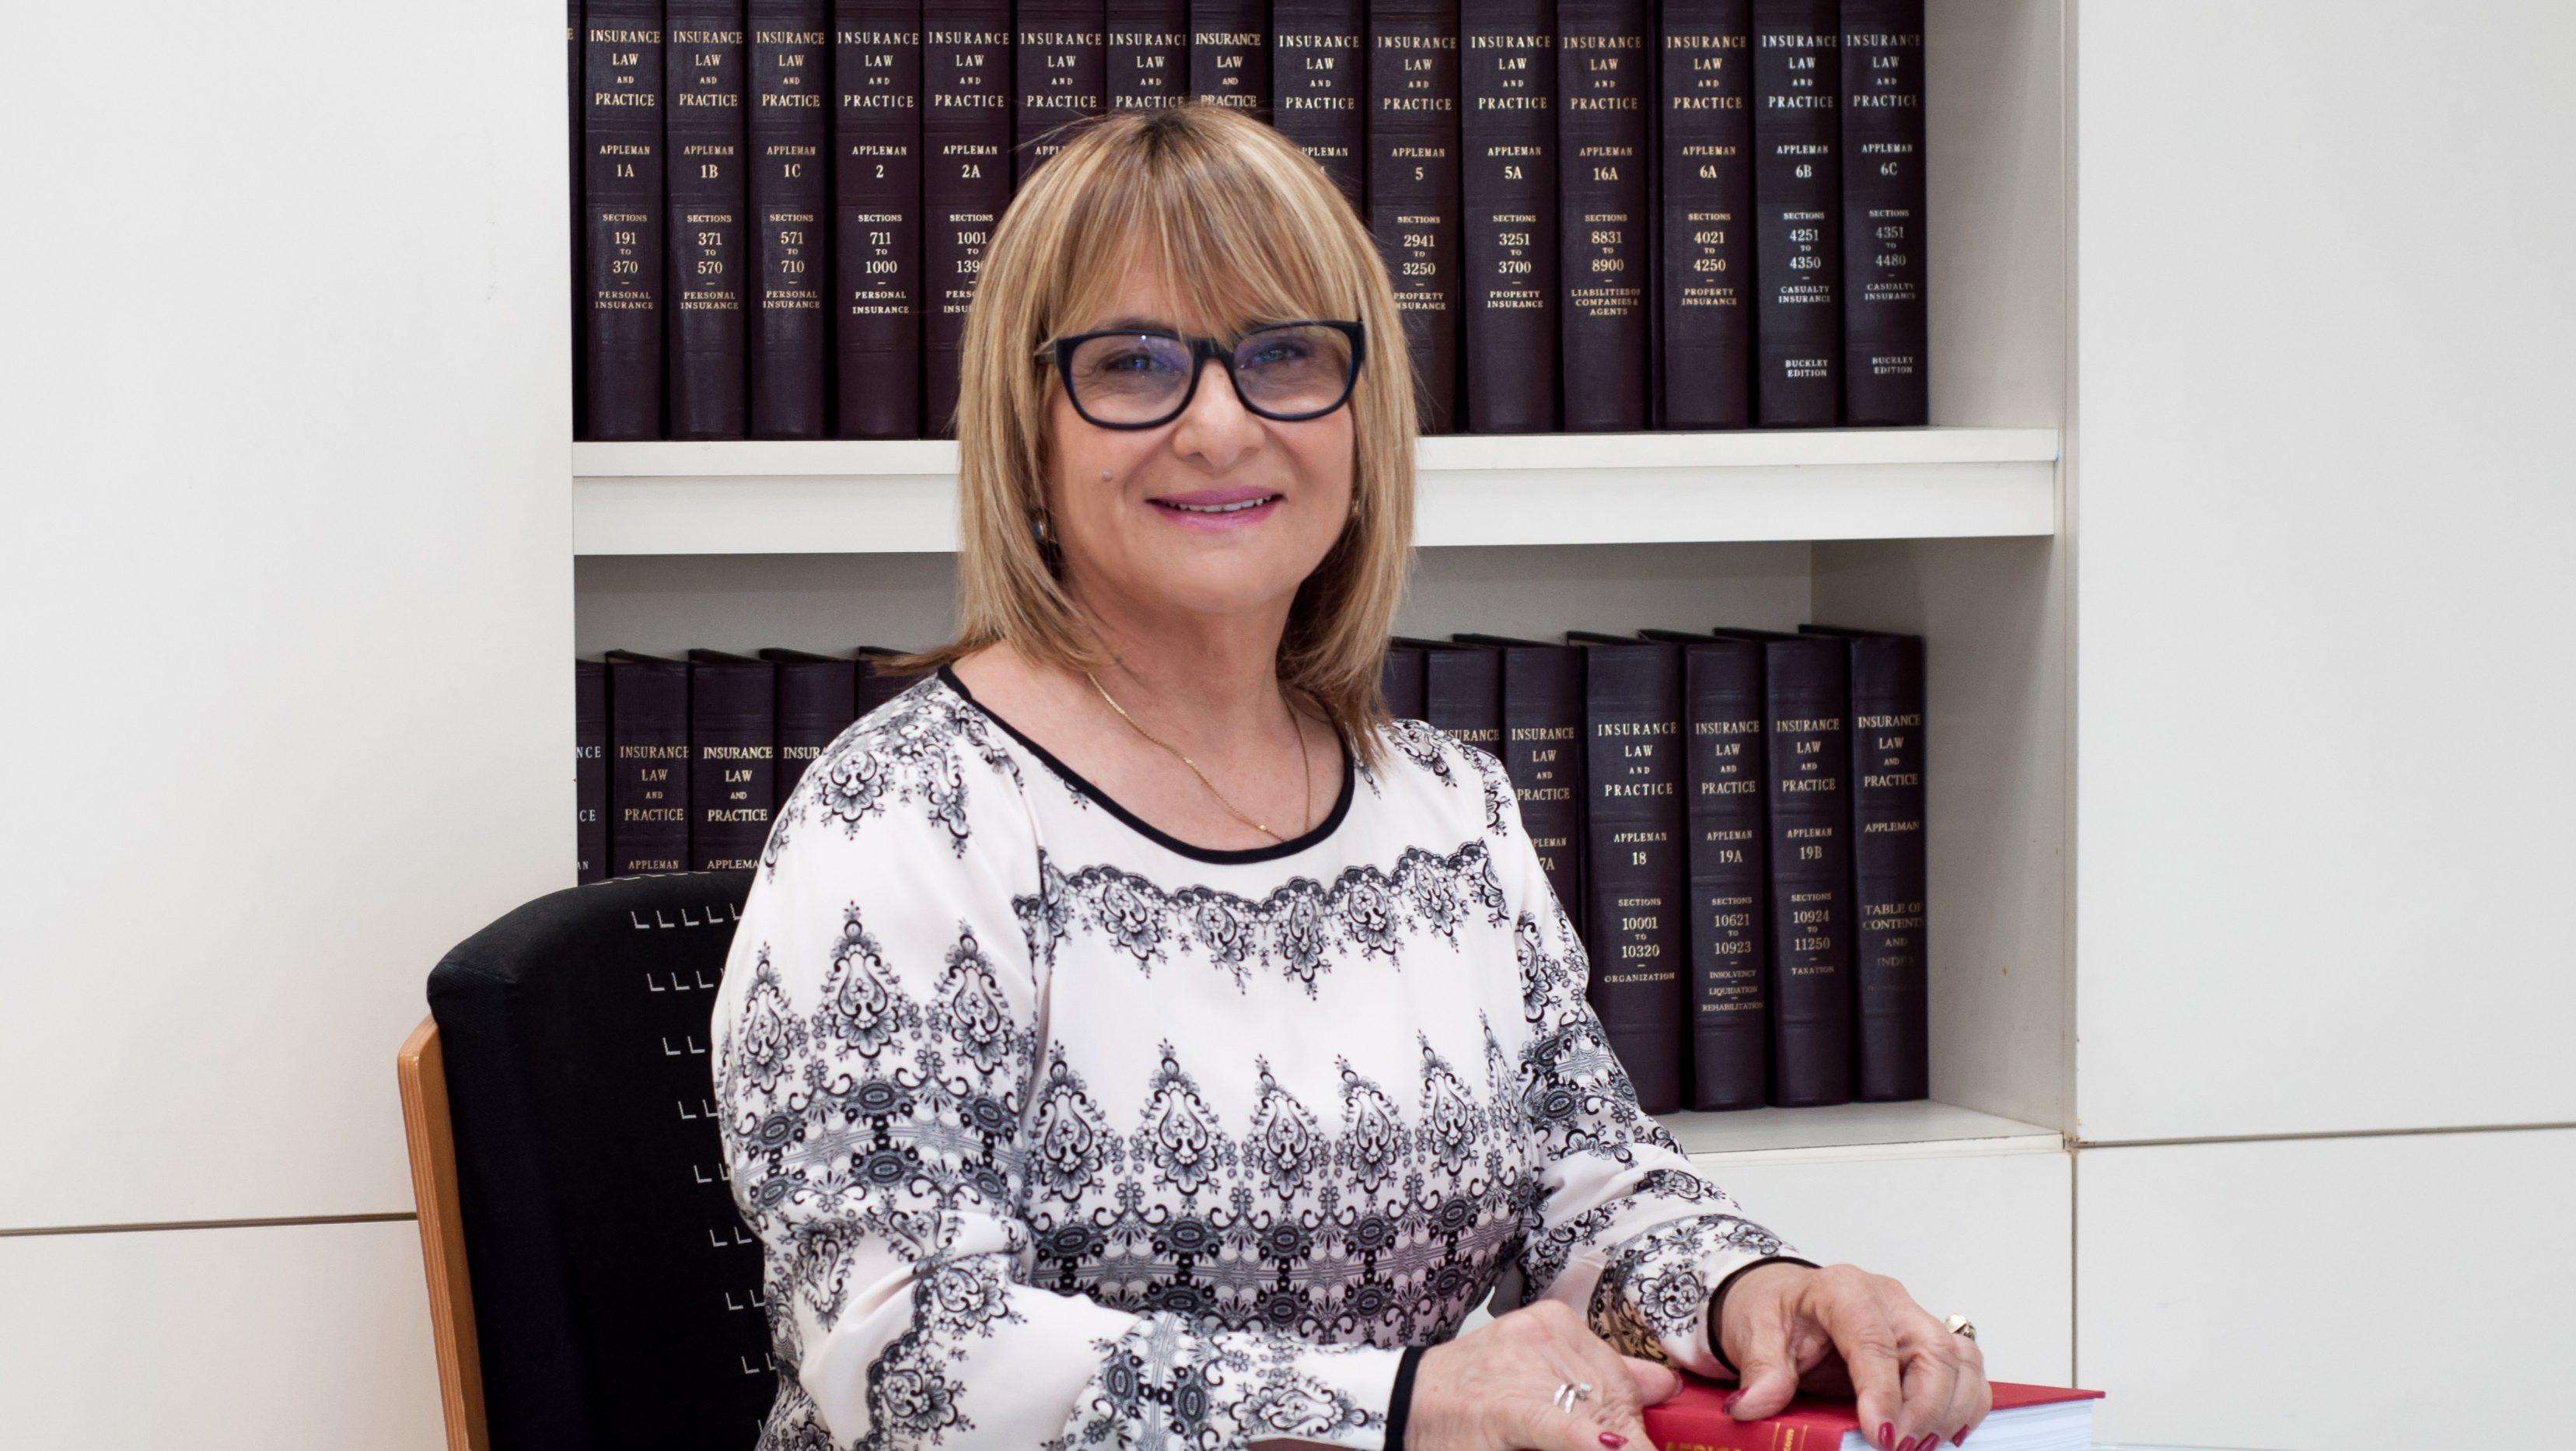 """תביעת המבחן של הרגולטור האנגלי על תביעות הקורונה בפוליסות בתי עסק / מאת עו""""ד פגי שרון"""